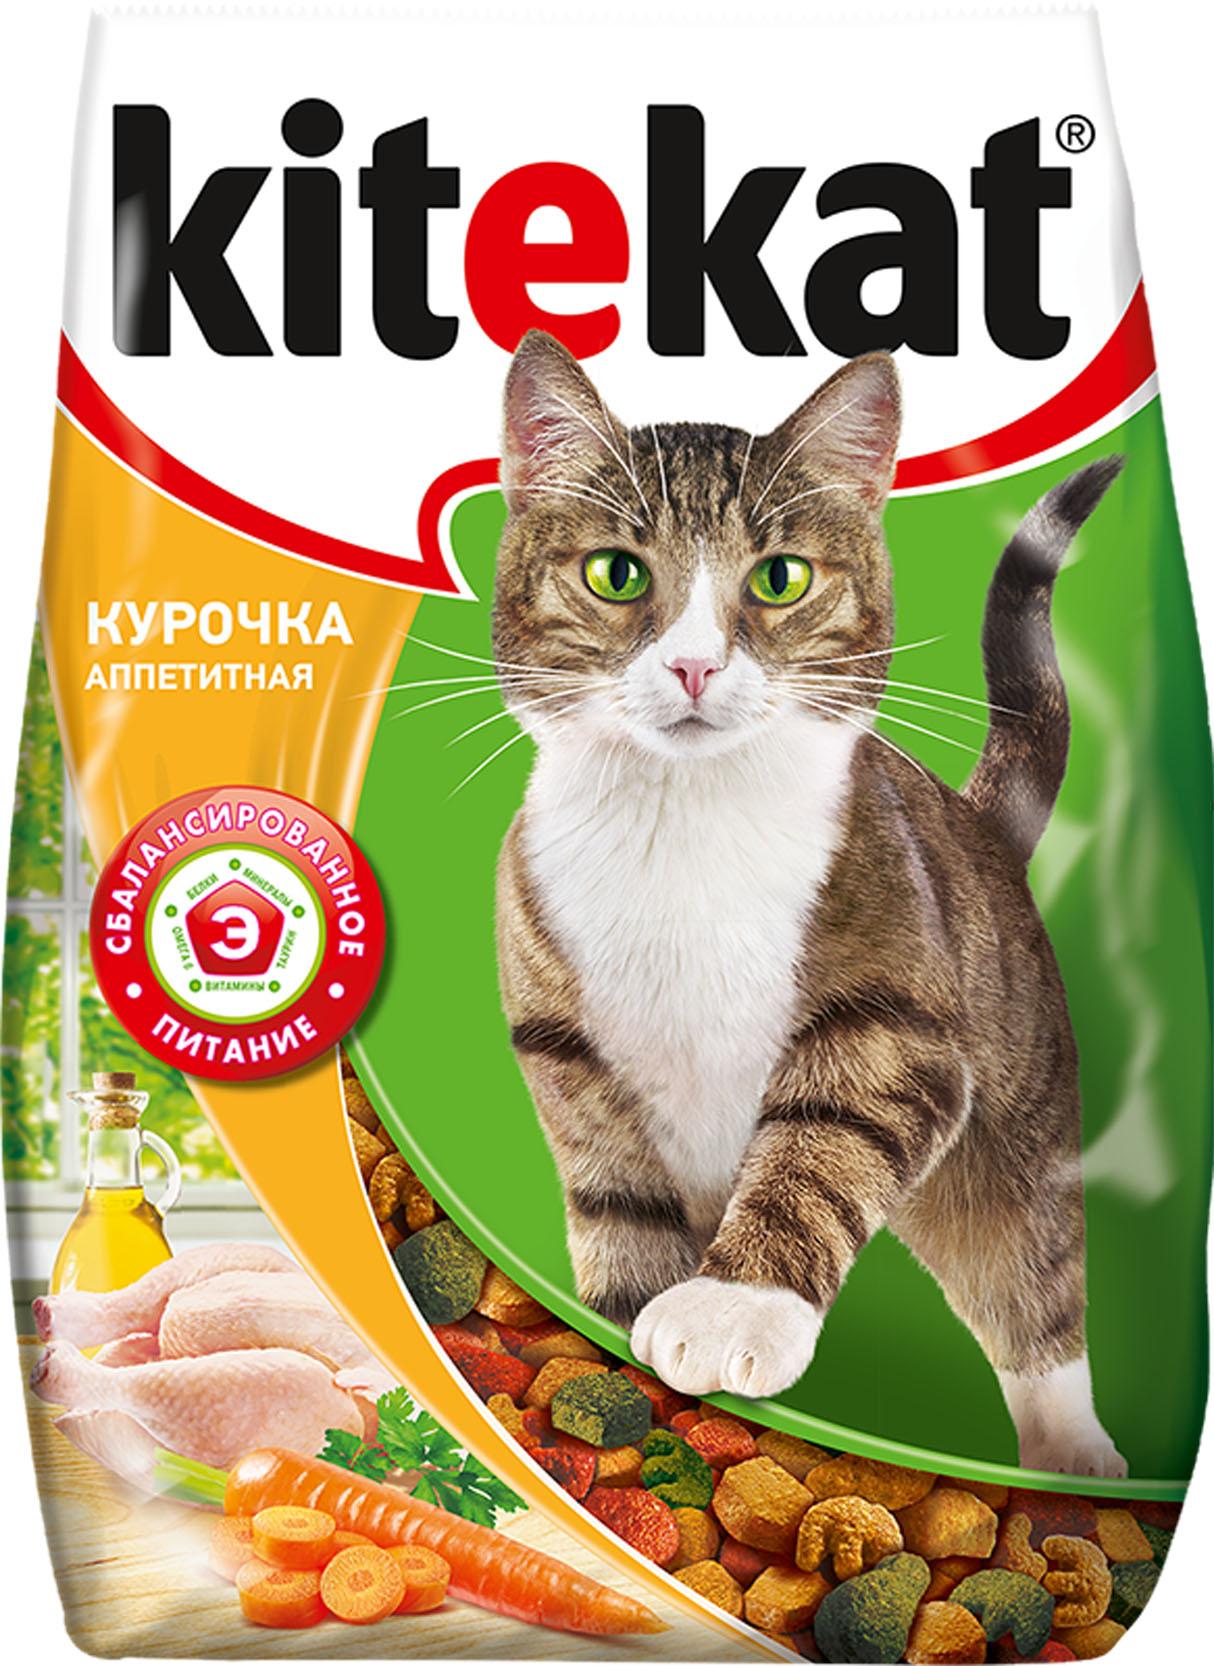 Корм сухой для кошек Kitekat, курочка аппетитная, 350 г40423Сухой корм Kitekat - это специально разработанная еда для кошек с оптимально сбалансированным содержанием белков, витаминов и микроэлементов. Уникальная формула Kitekat включает в себя все необходимые для здоровья компоненты: - белки - для поддержания мышечного тонуса, силы и энергии; - жирные кислоты - для здоровой кожи и блестящей шерсти; - кальций, фосфор, витамин D - для крепости костей и зубов; - таурин - для остроты зрения и стабильной работы сердца; - витамины и минералы, натуральные волокна - для хорошего пищеварения, правильного обмена веществ, укрепления здоровья. Состав: злаки, мясо и субпродукты, белковые растительные экстракты, жир животный, свекольный жом, растительное масло, овощи, минеральные вещества, витамины, таурин, метионин. Пищевая ценность: белки-28 г; жиры-10 г; зола-9 г: клетчатка-не более 5 г; влажность-не более 10 г; кальций -1,5 г; фосфор - 0,9 г; витамин А - 1200 ME; витамин D - 120 ME; витамин Е - 7 мг; а...